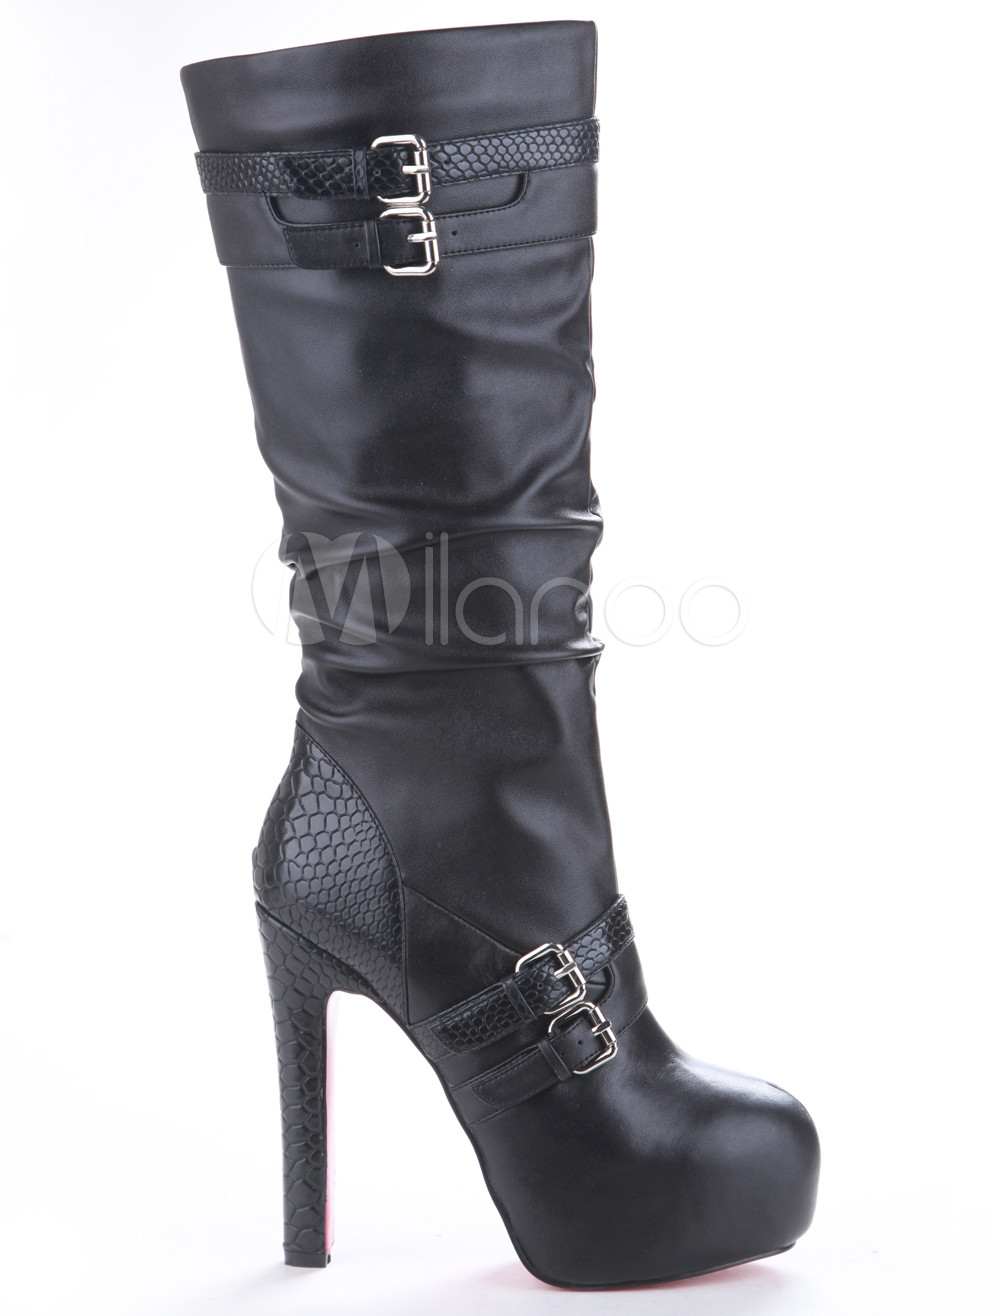 Spike Heel Sheepkin Mid Calf Boots